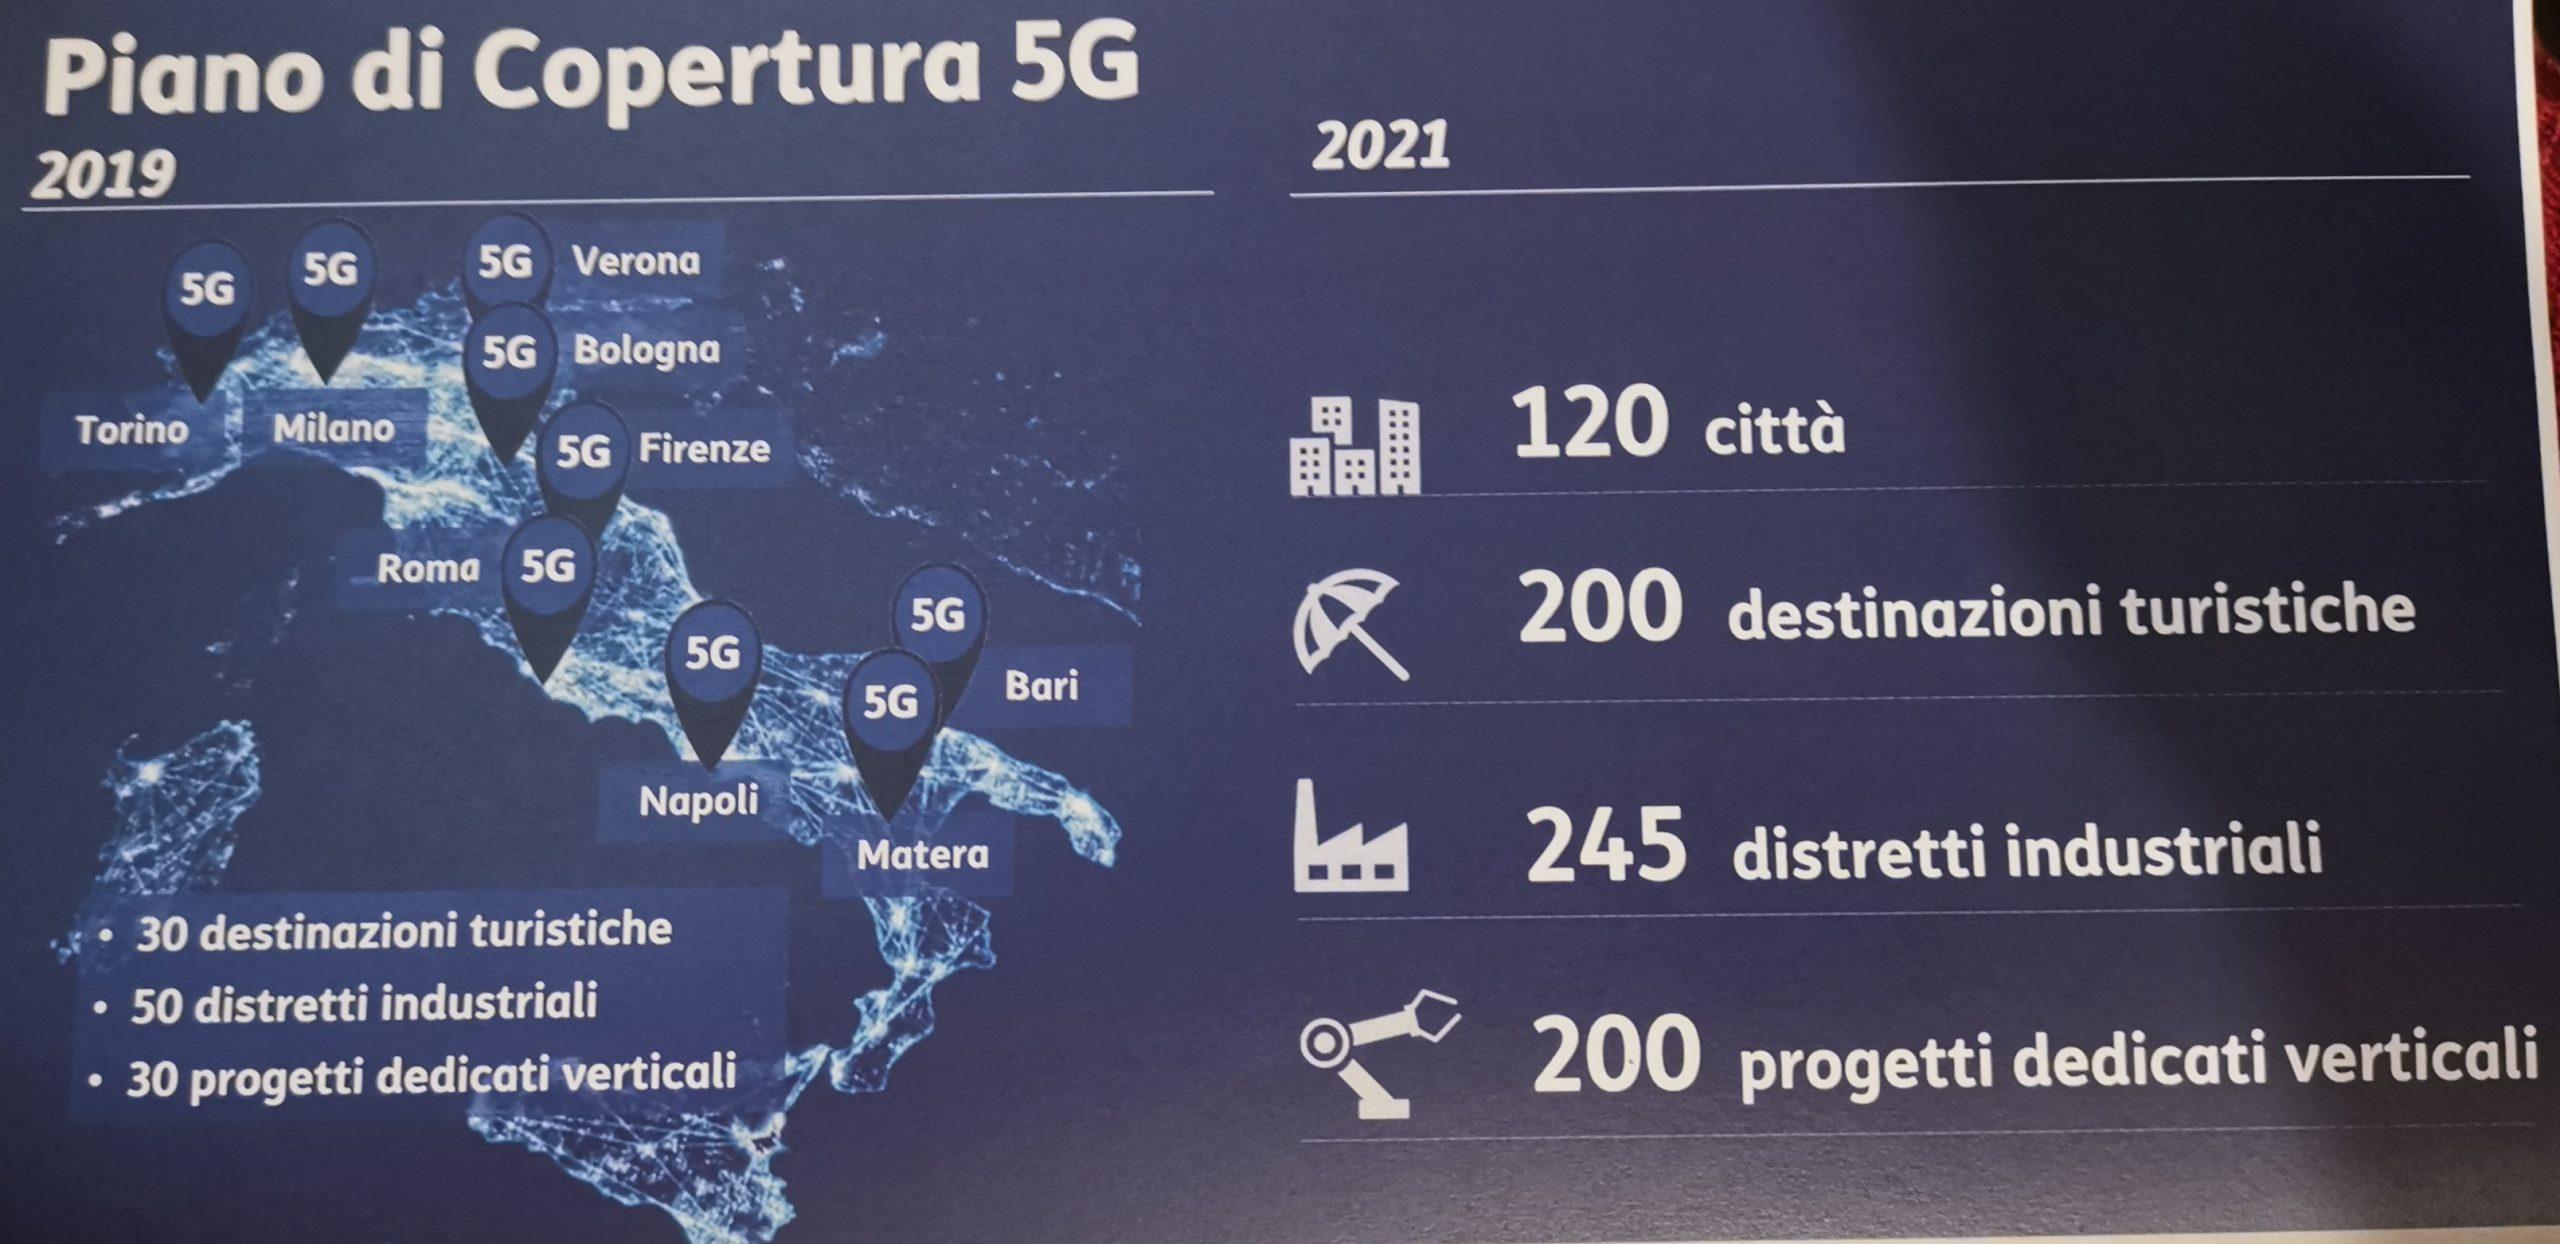 5G - Piano Italia 2019-2021